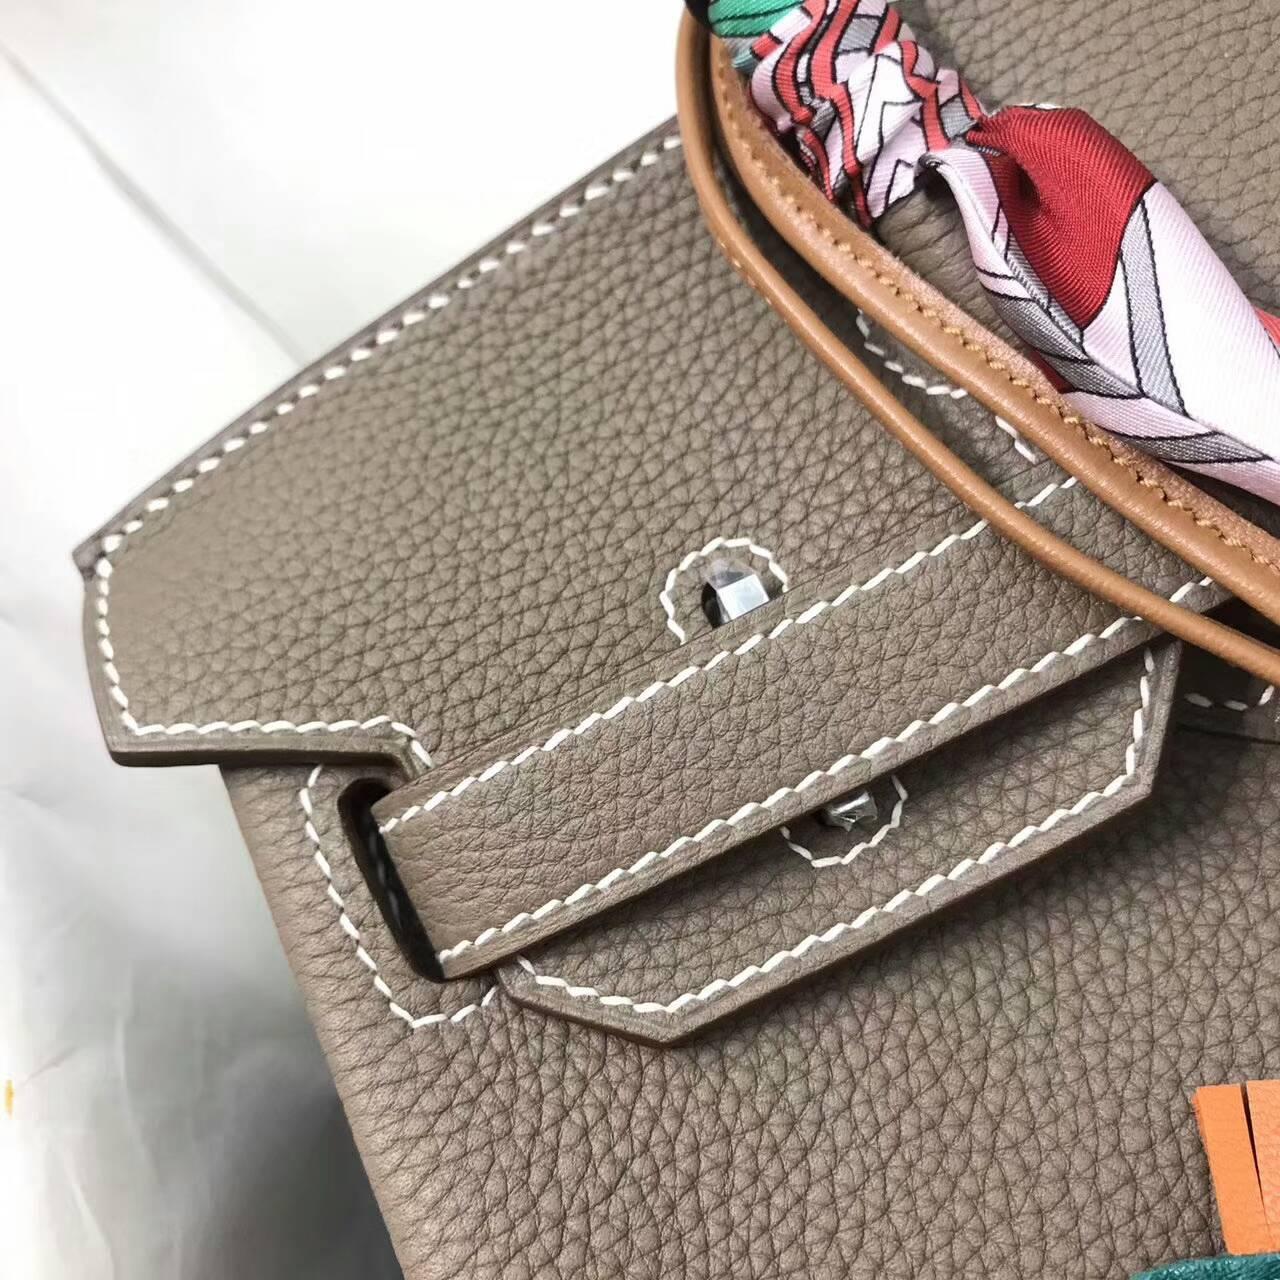 爱马仕包包全球同步发售 Birkin 30cm Togo 法国原产小牛皮 18 Etoupe 大象灰 银扣